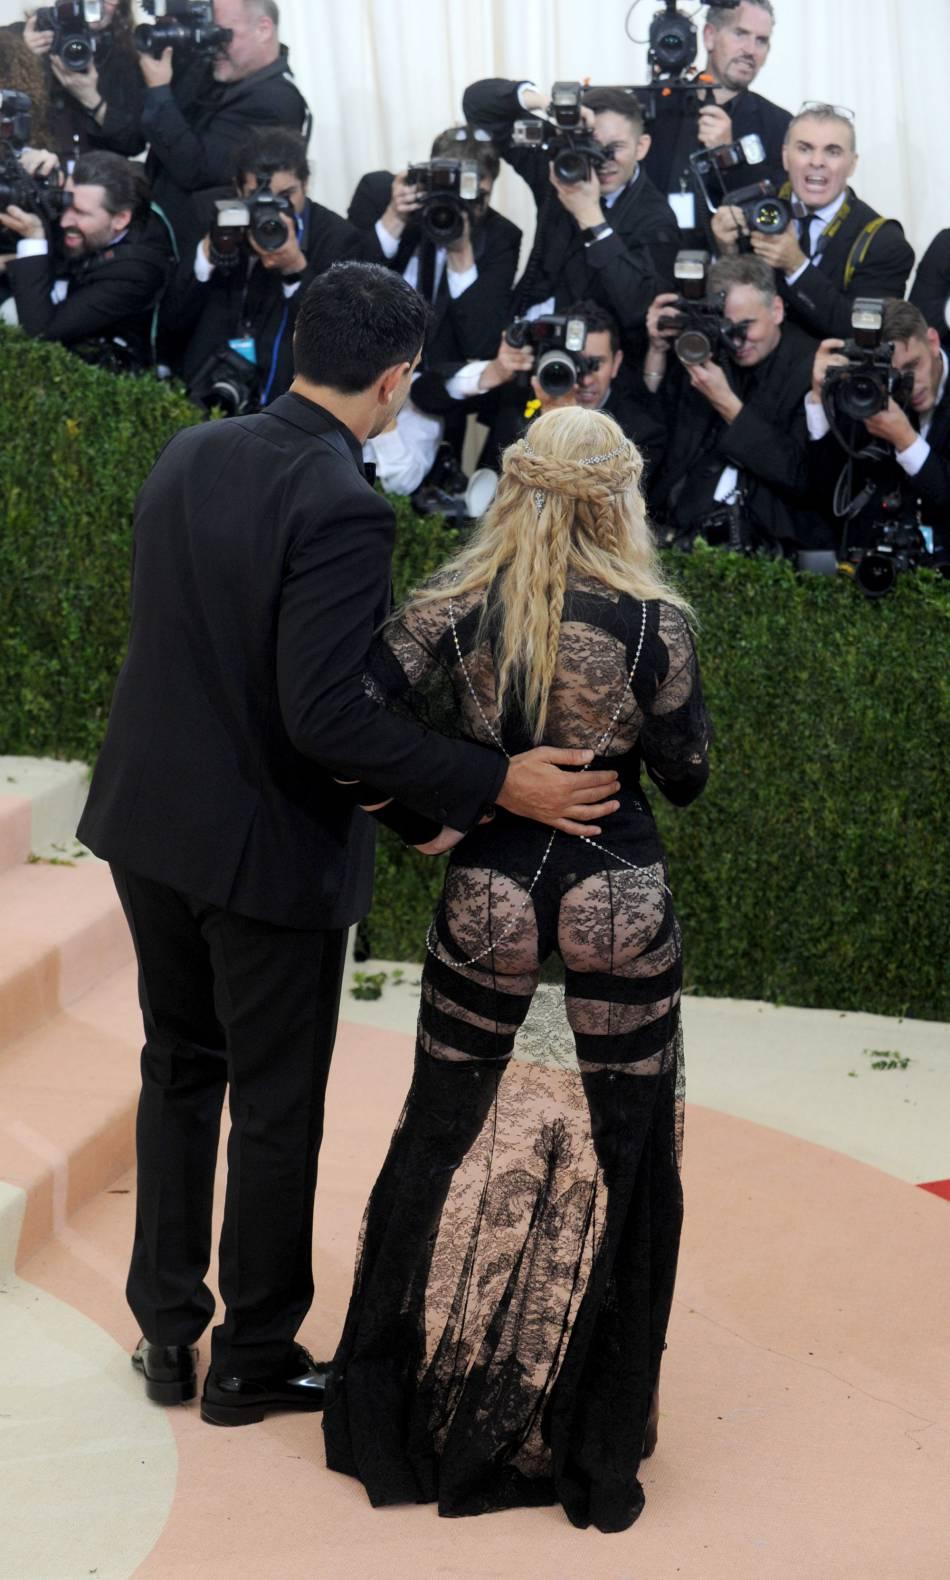 Madonna, montrer ses fesses pour faire avancer la cause féminine, bonne ou mauvaise idée ?